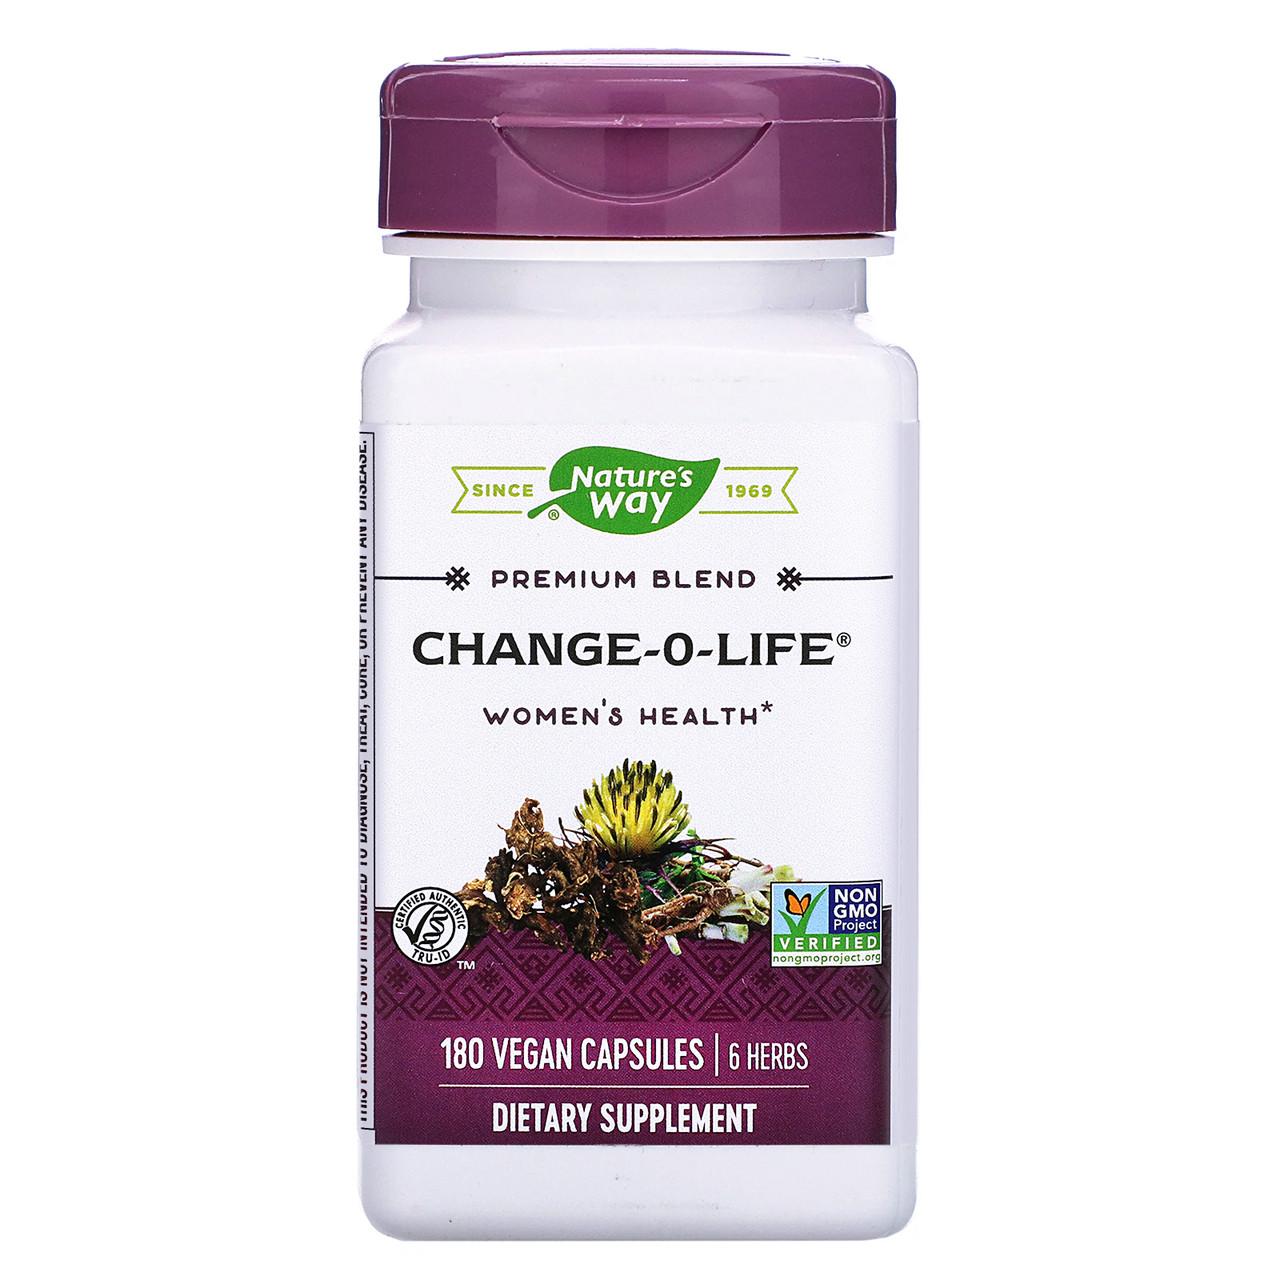 """Травяной комплекс для женского здоровья Nature's Way """"Change-O-Life Women's Health"""" 1320 мг (180 капсул)"""